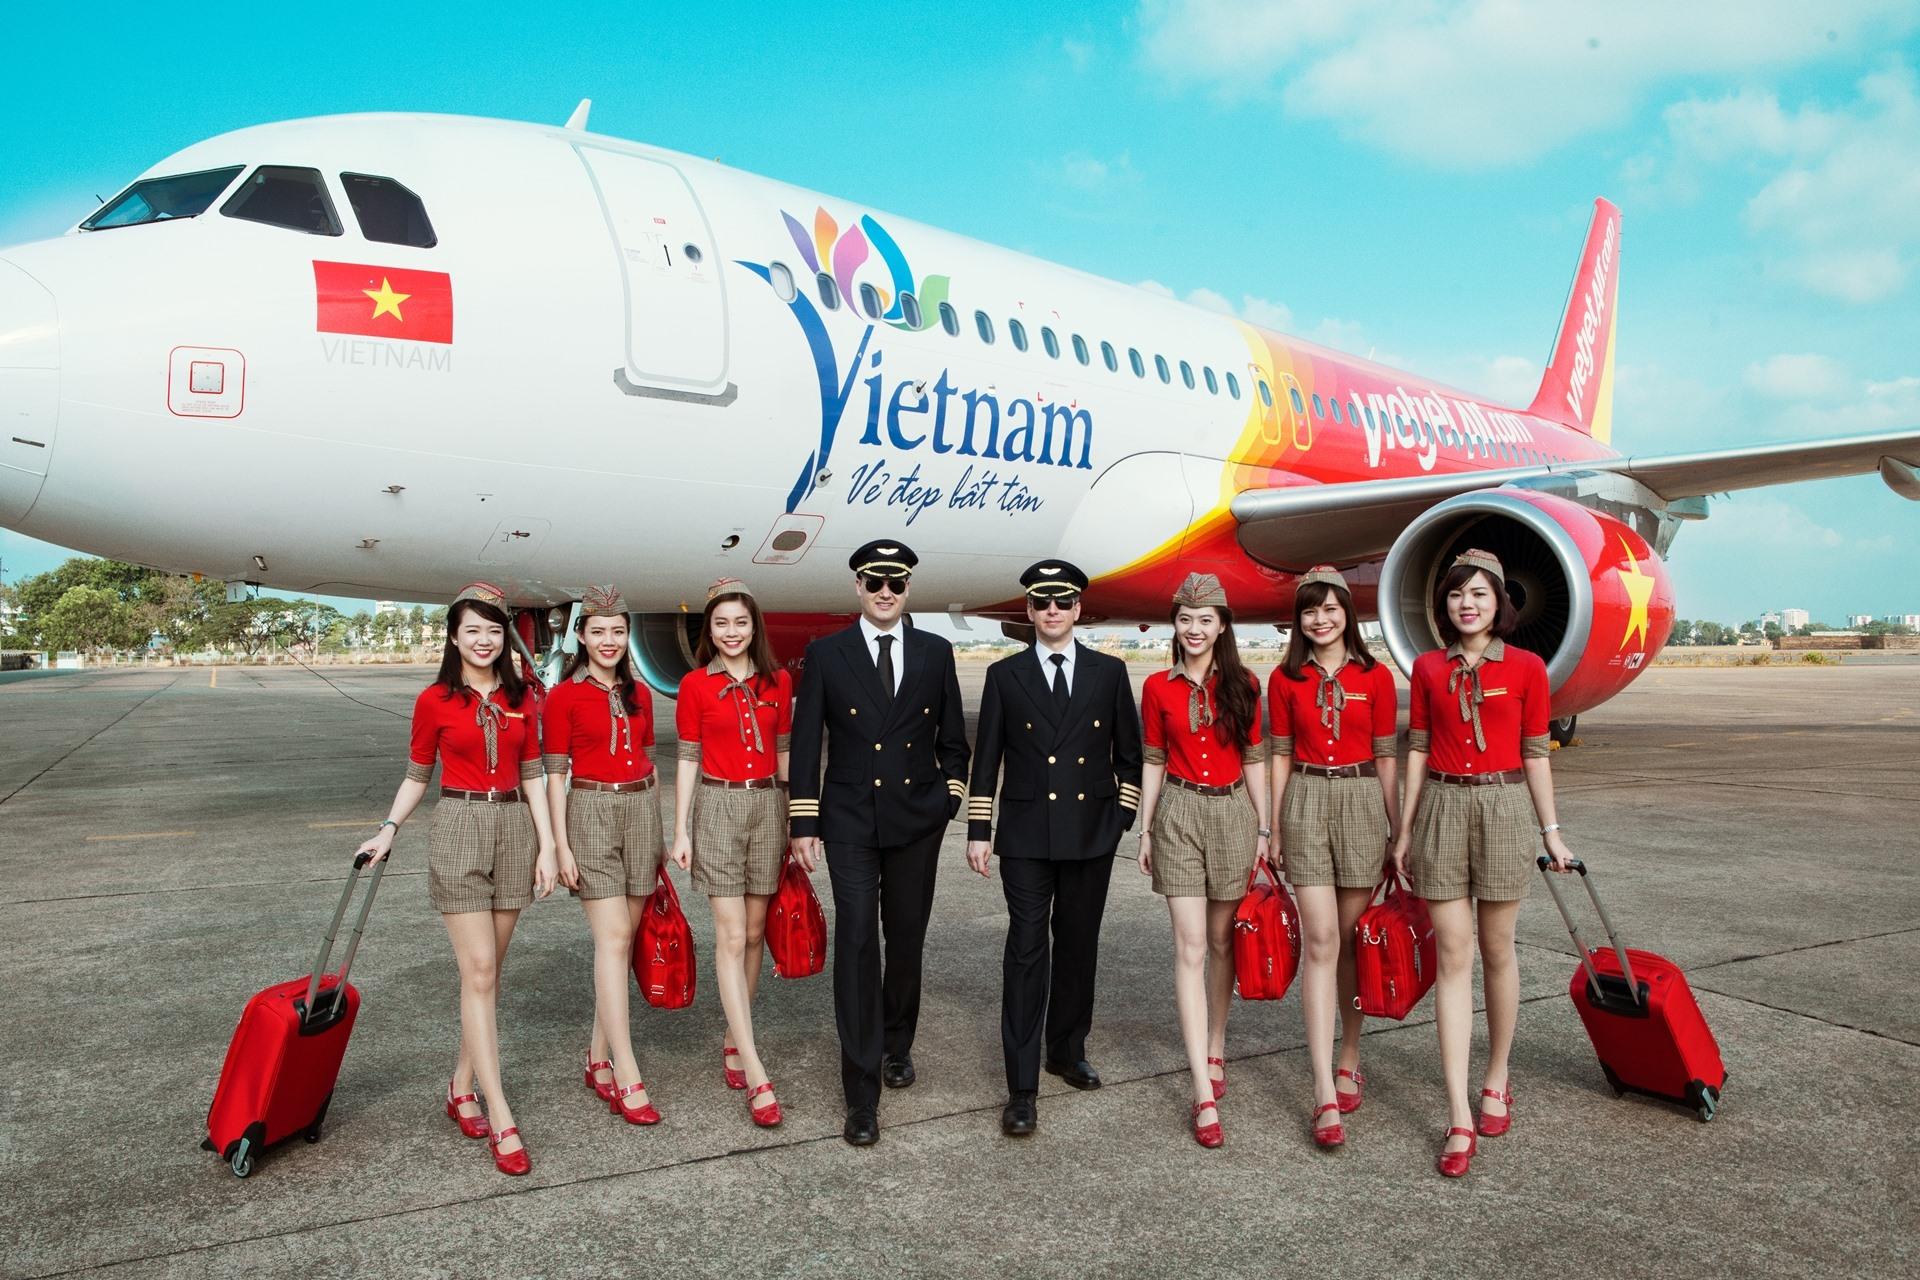 Bao la Việt Nam, bay xanh cùng Vietjet với mã giảm ngay 50% giá vé - Ảnh 1.